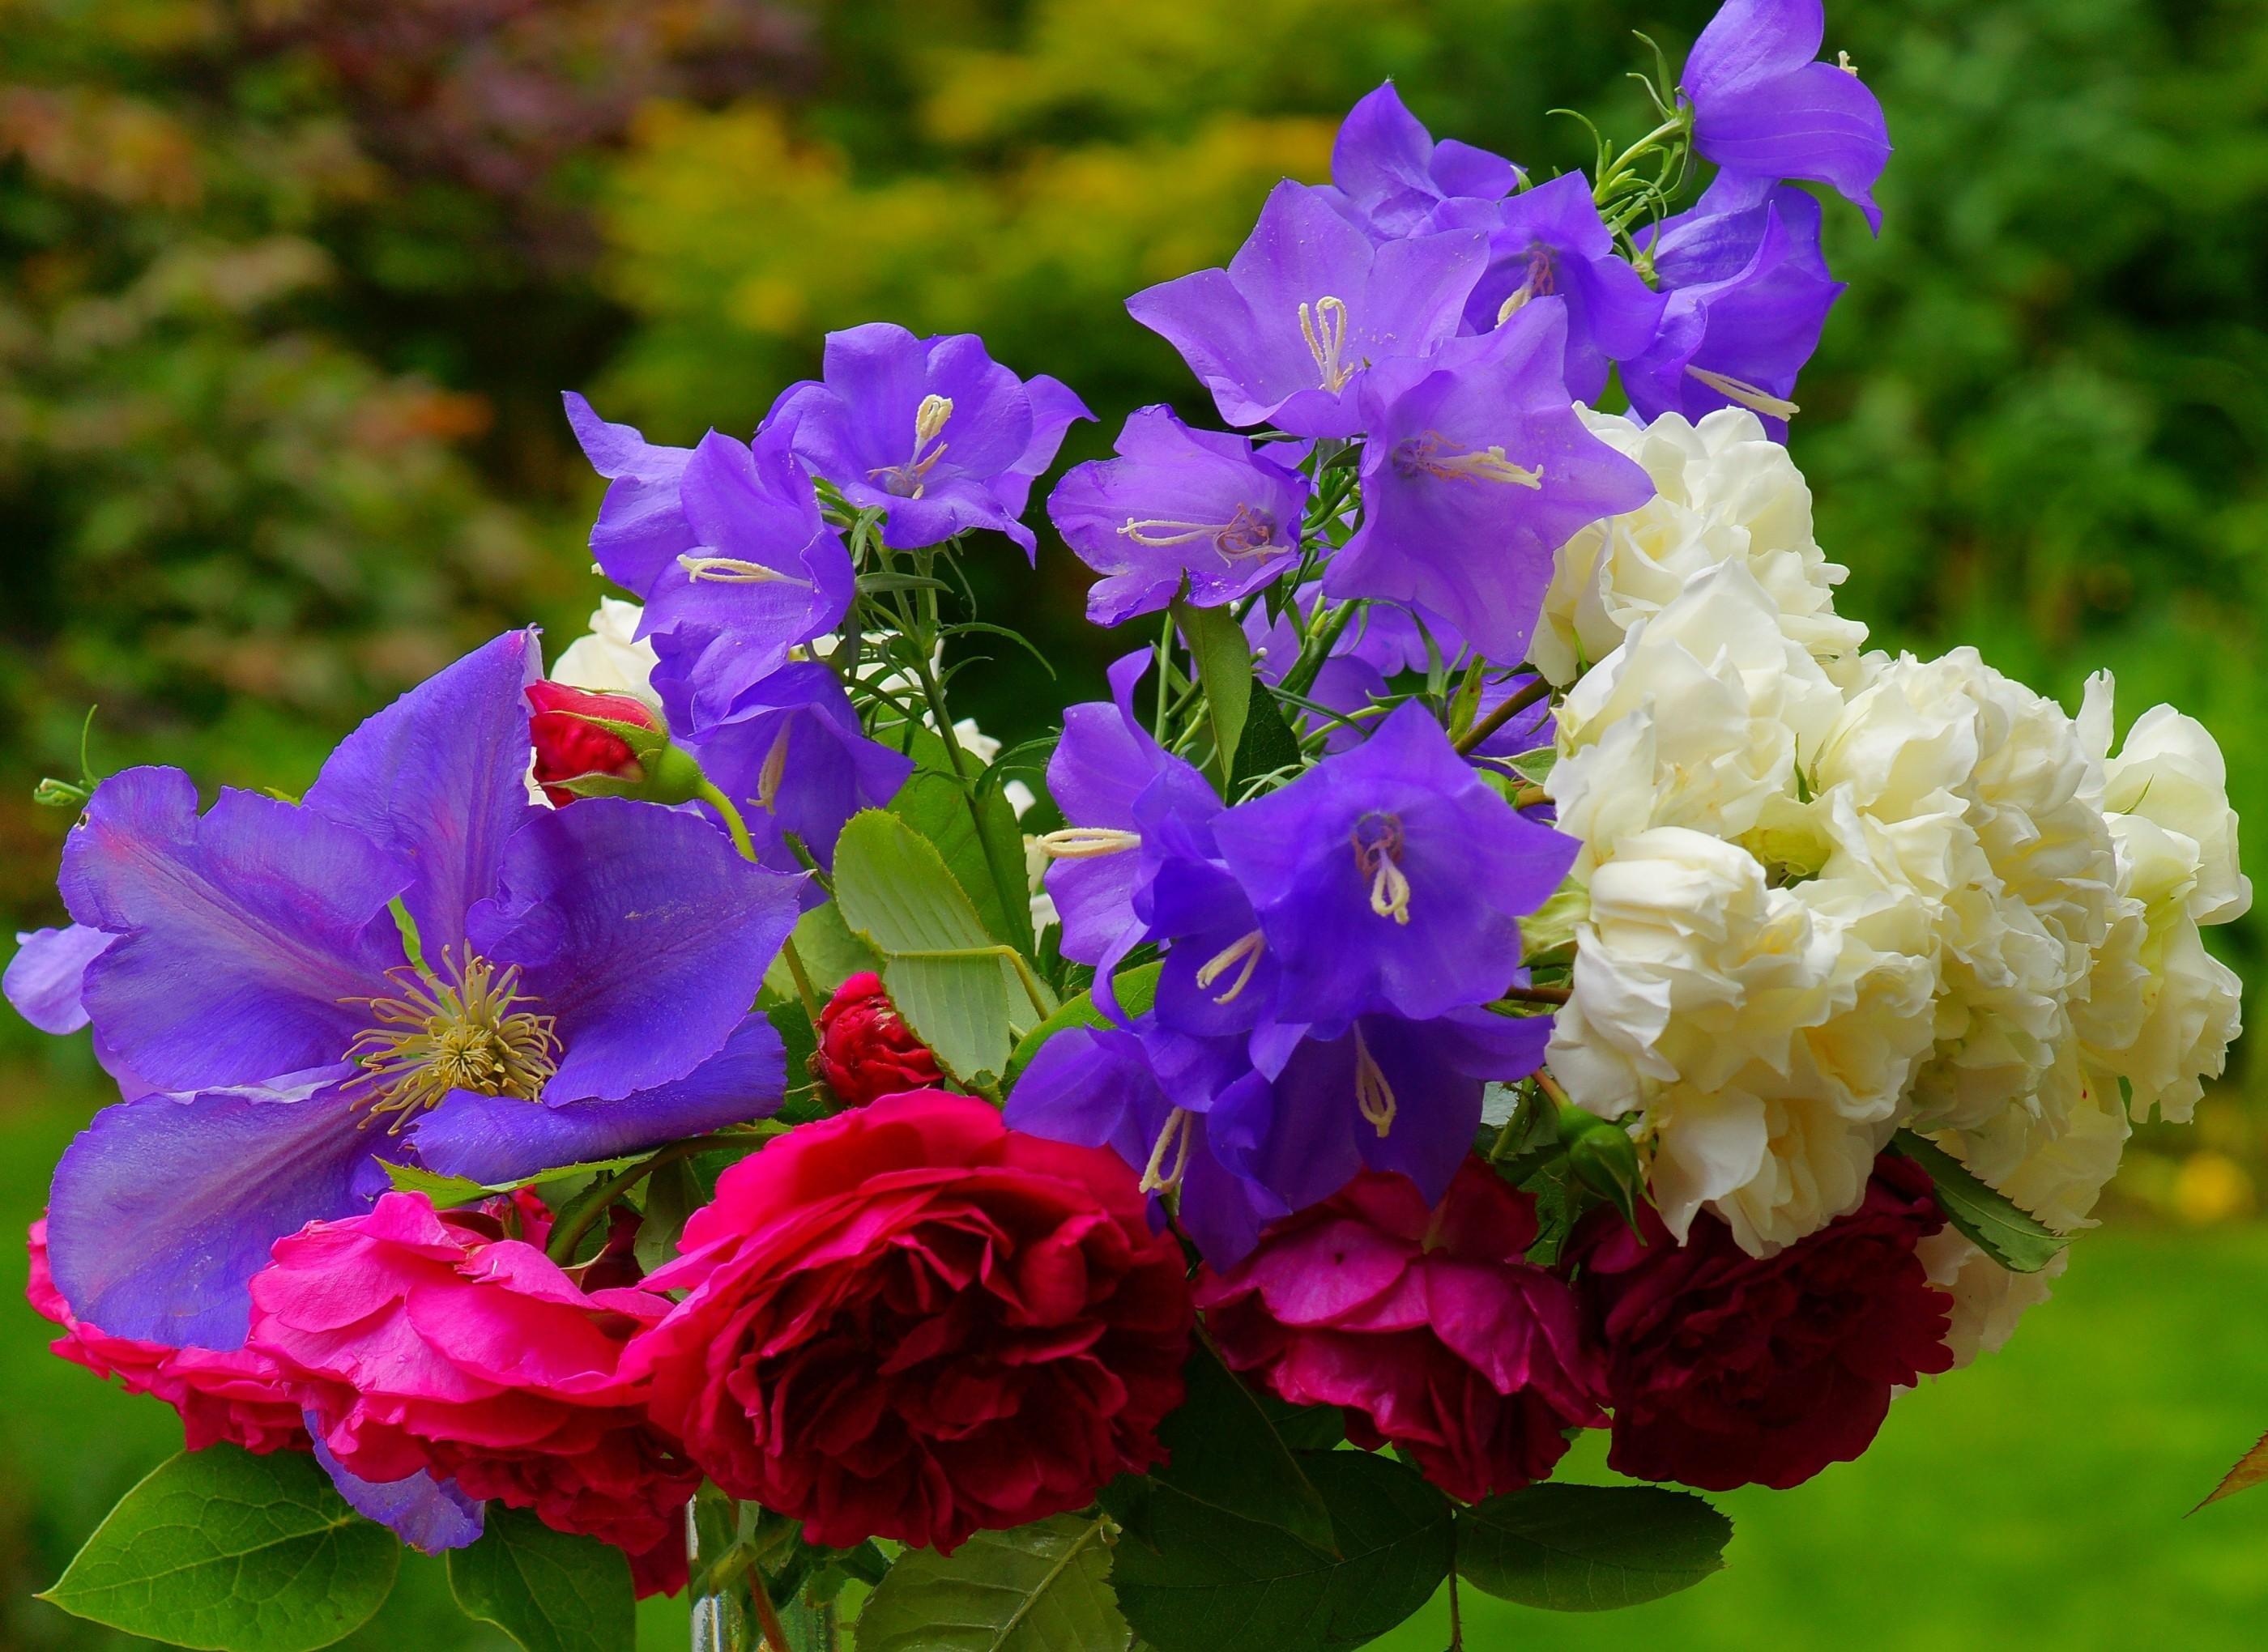 147936 скачать обои Цветы, Клематис, Колокольчики, Букет, Размытость, Розы - заставки и картинки бесплатно